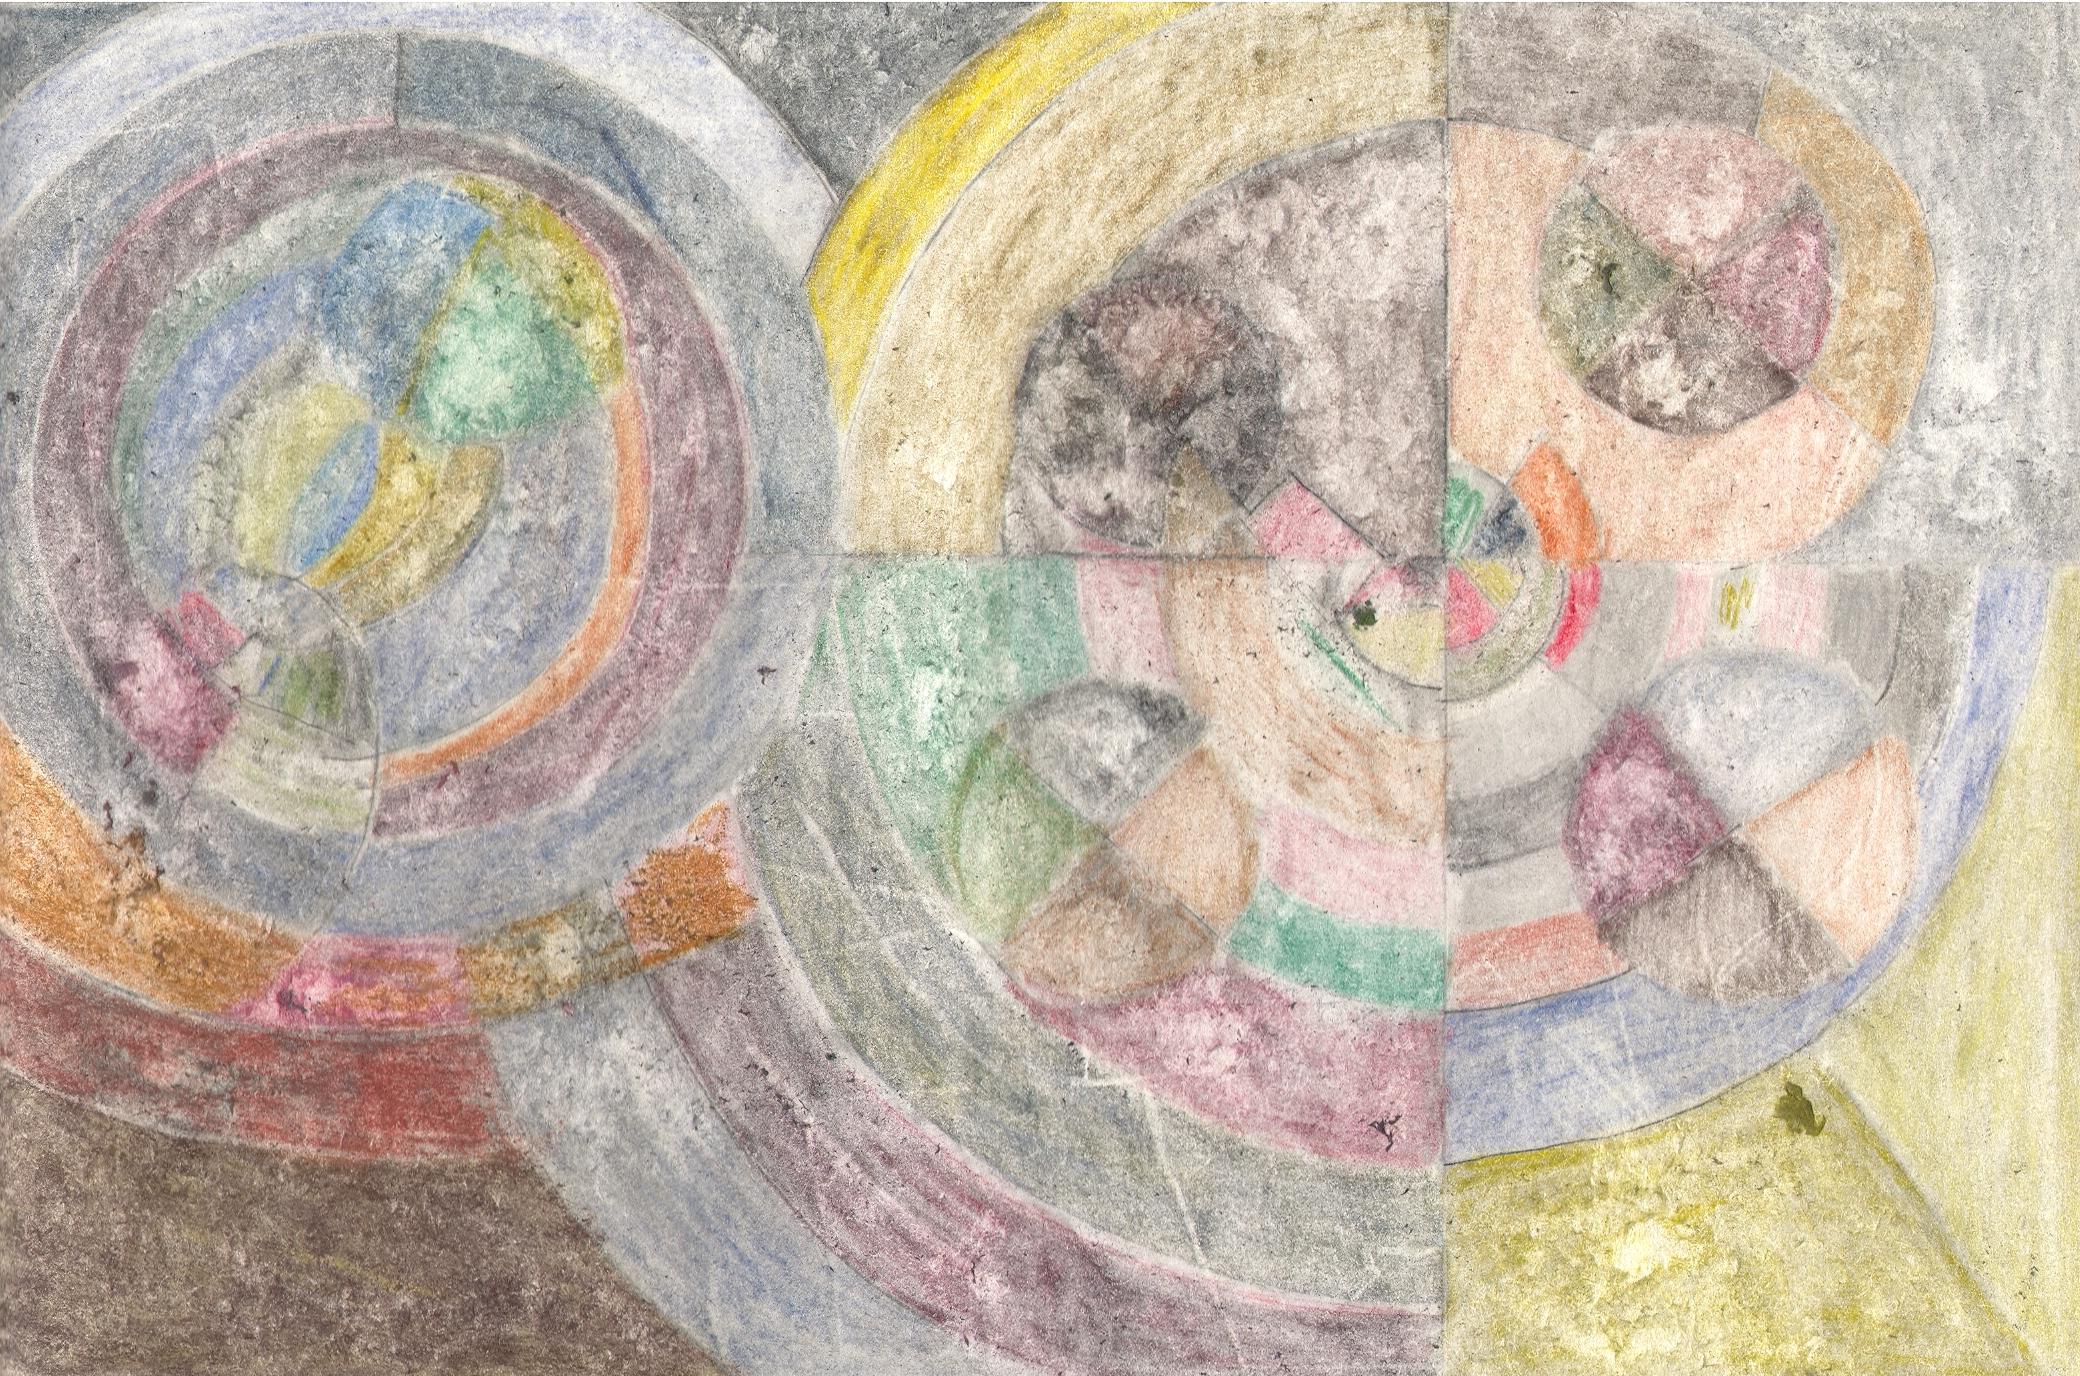 O.T. ( Serie Familie Delaunay1 ), 2018  Bleistift auf Papier, 26x35.5cm